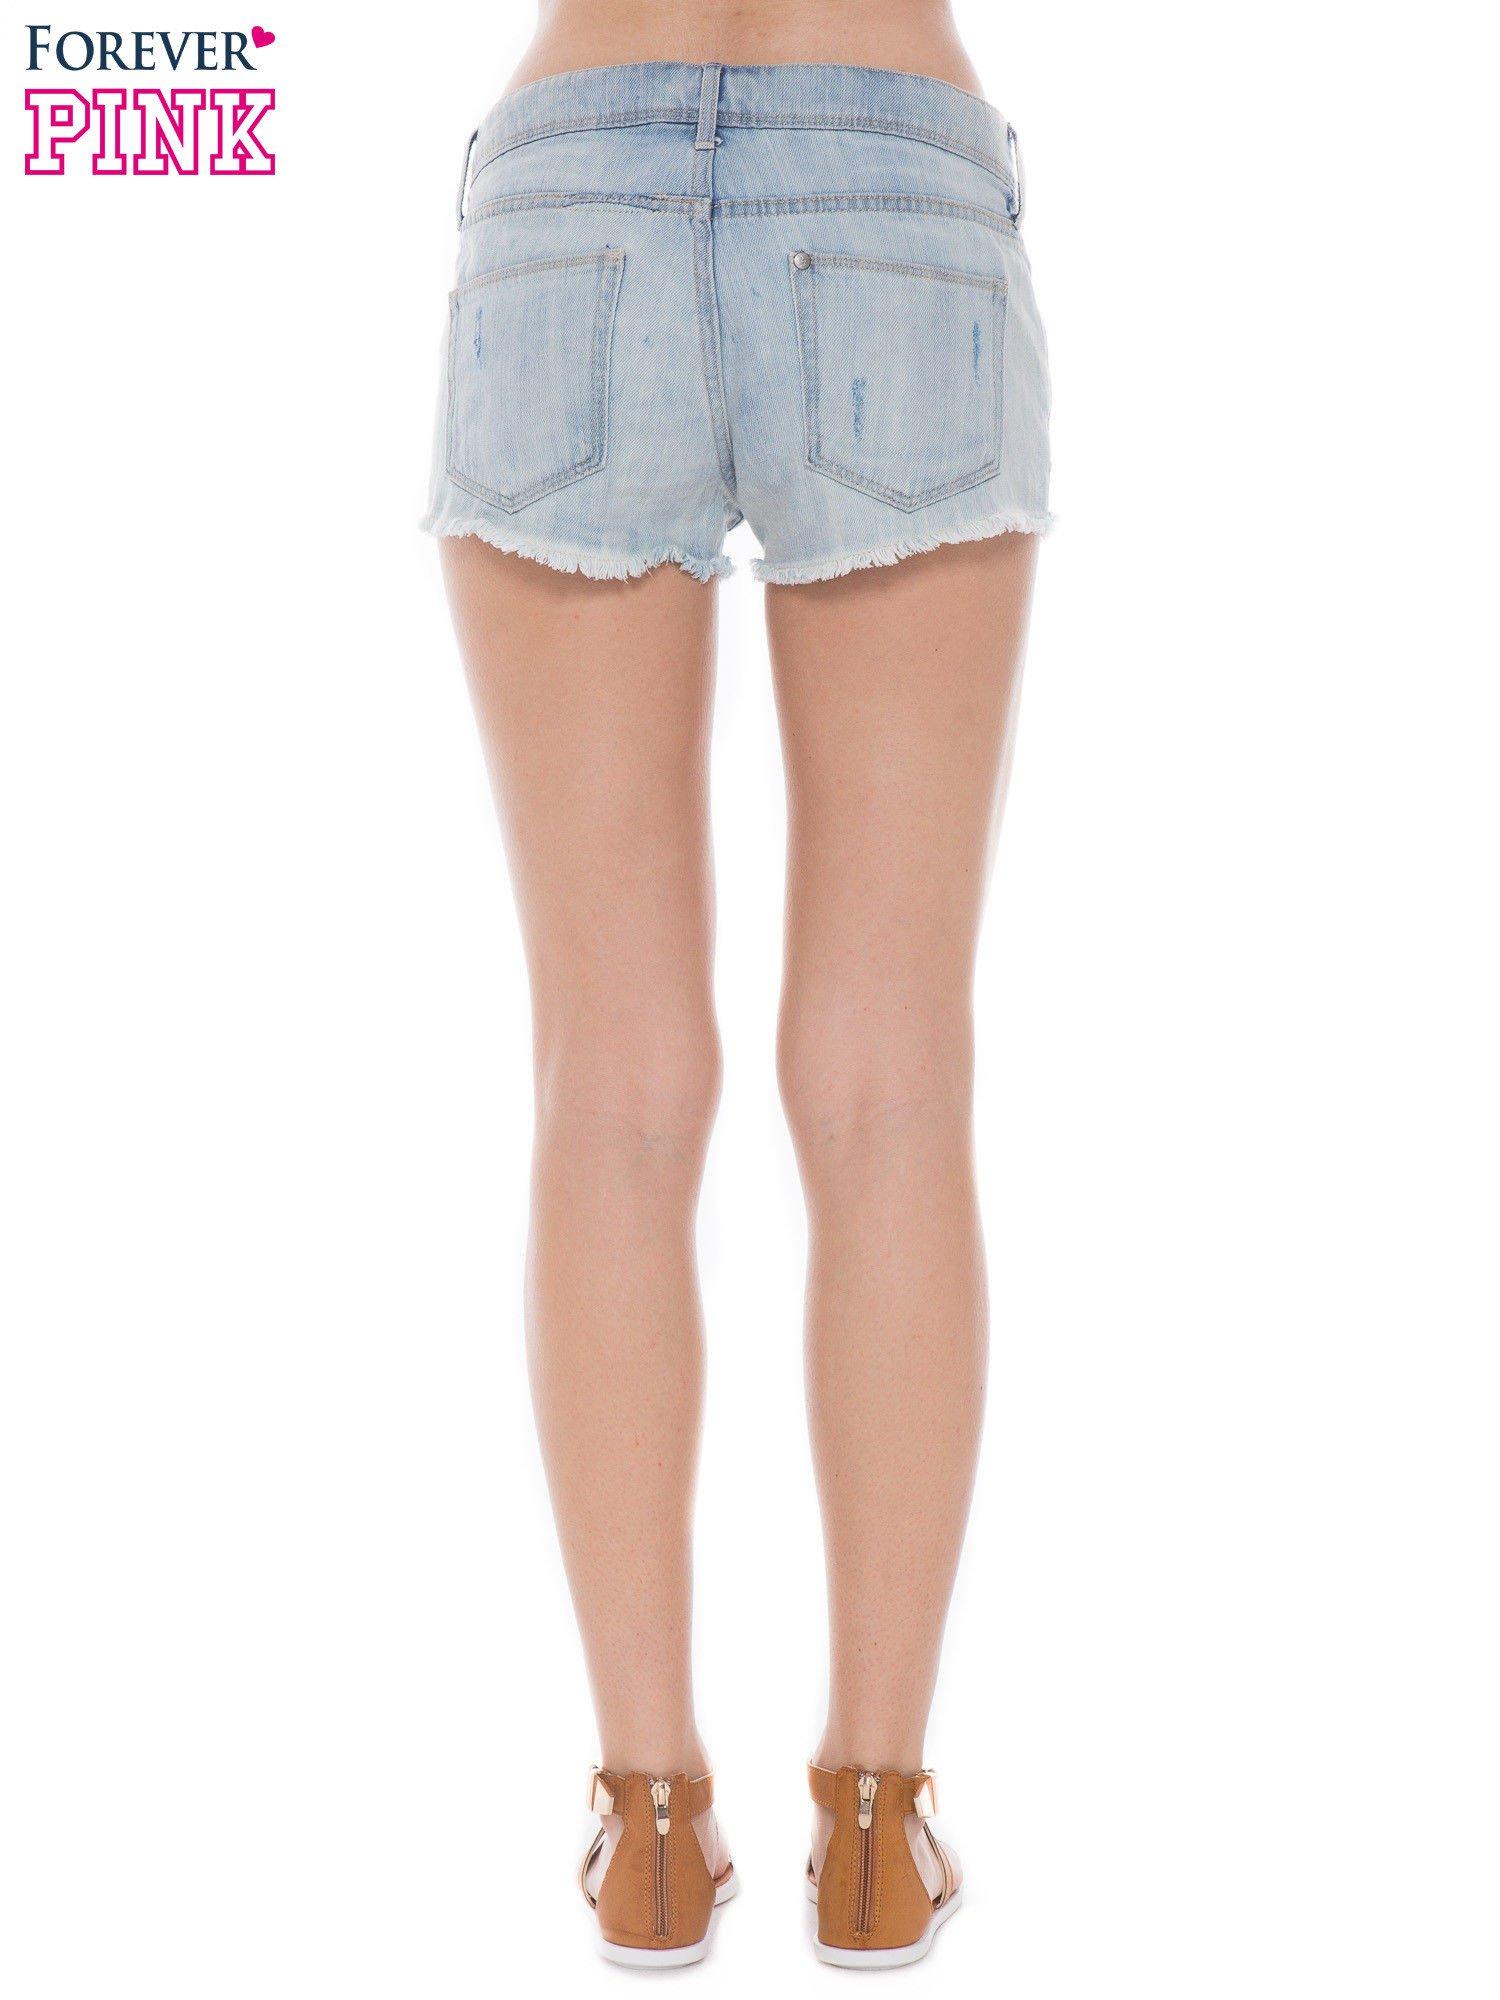 Niebieskie jeansowe szorty z wystającymi kieszeniami                                  zdj.                                  2